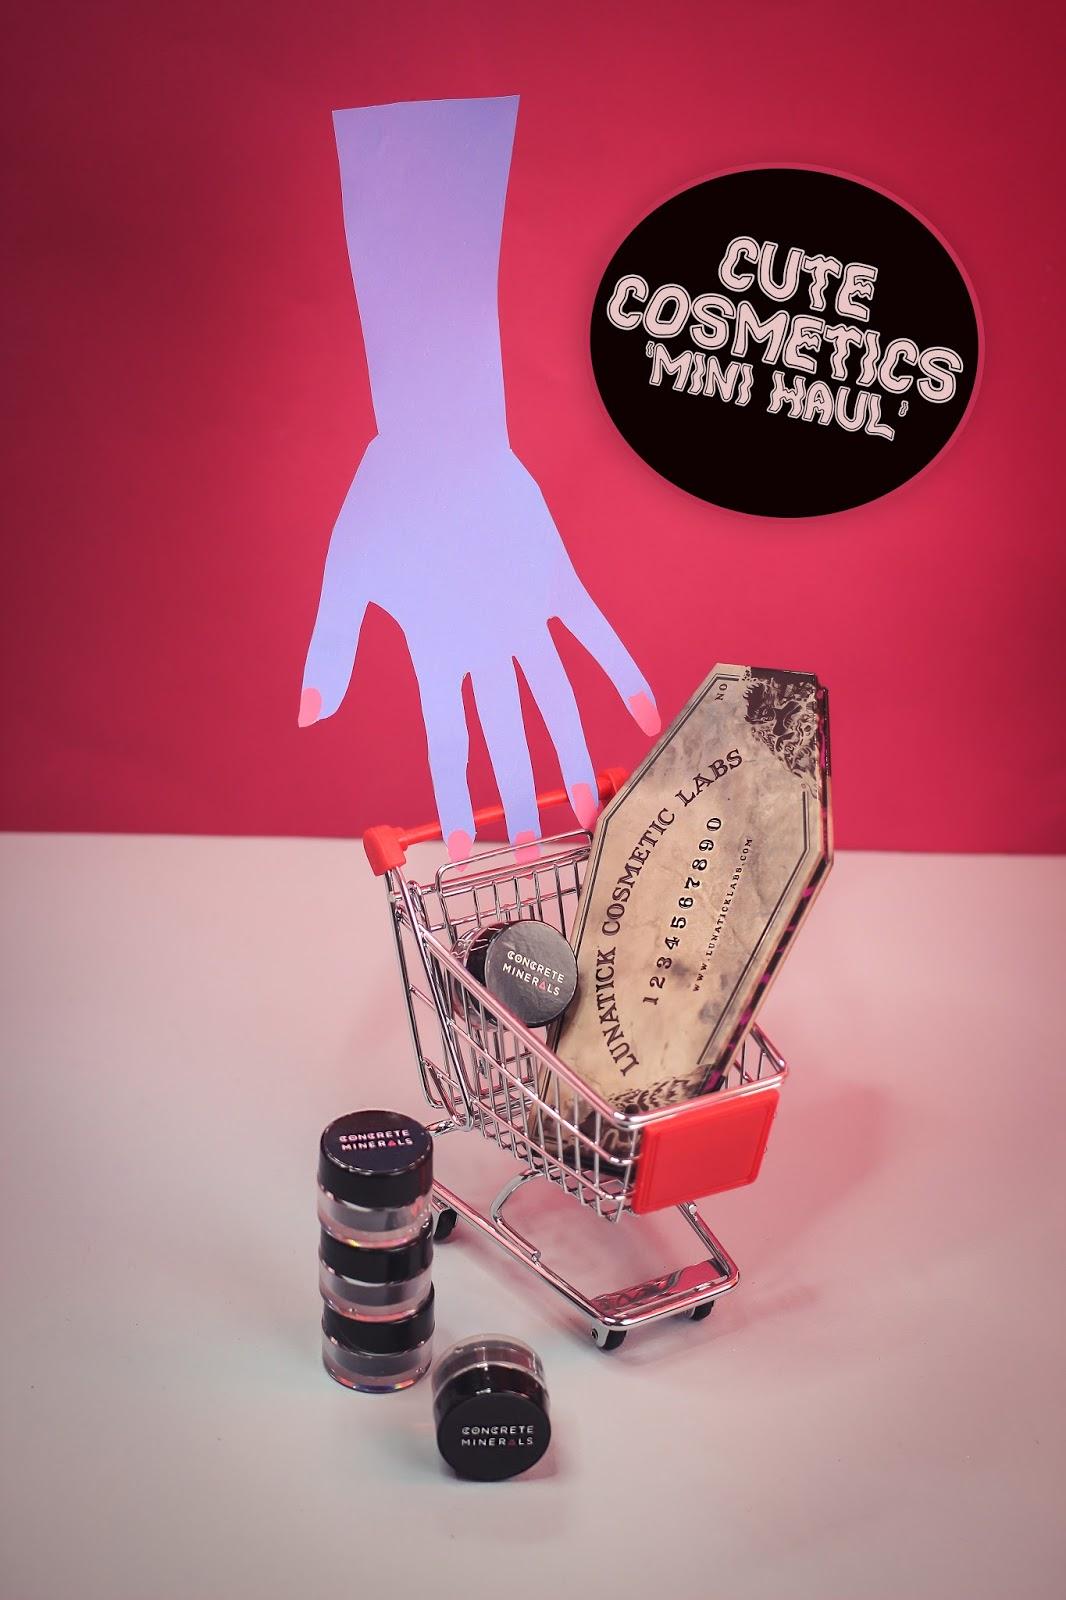 Cute Cosmetics Mini Haul: Lunatick Cosmetics & Concrete Minerals  - The Goodowl UK Blogger